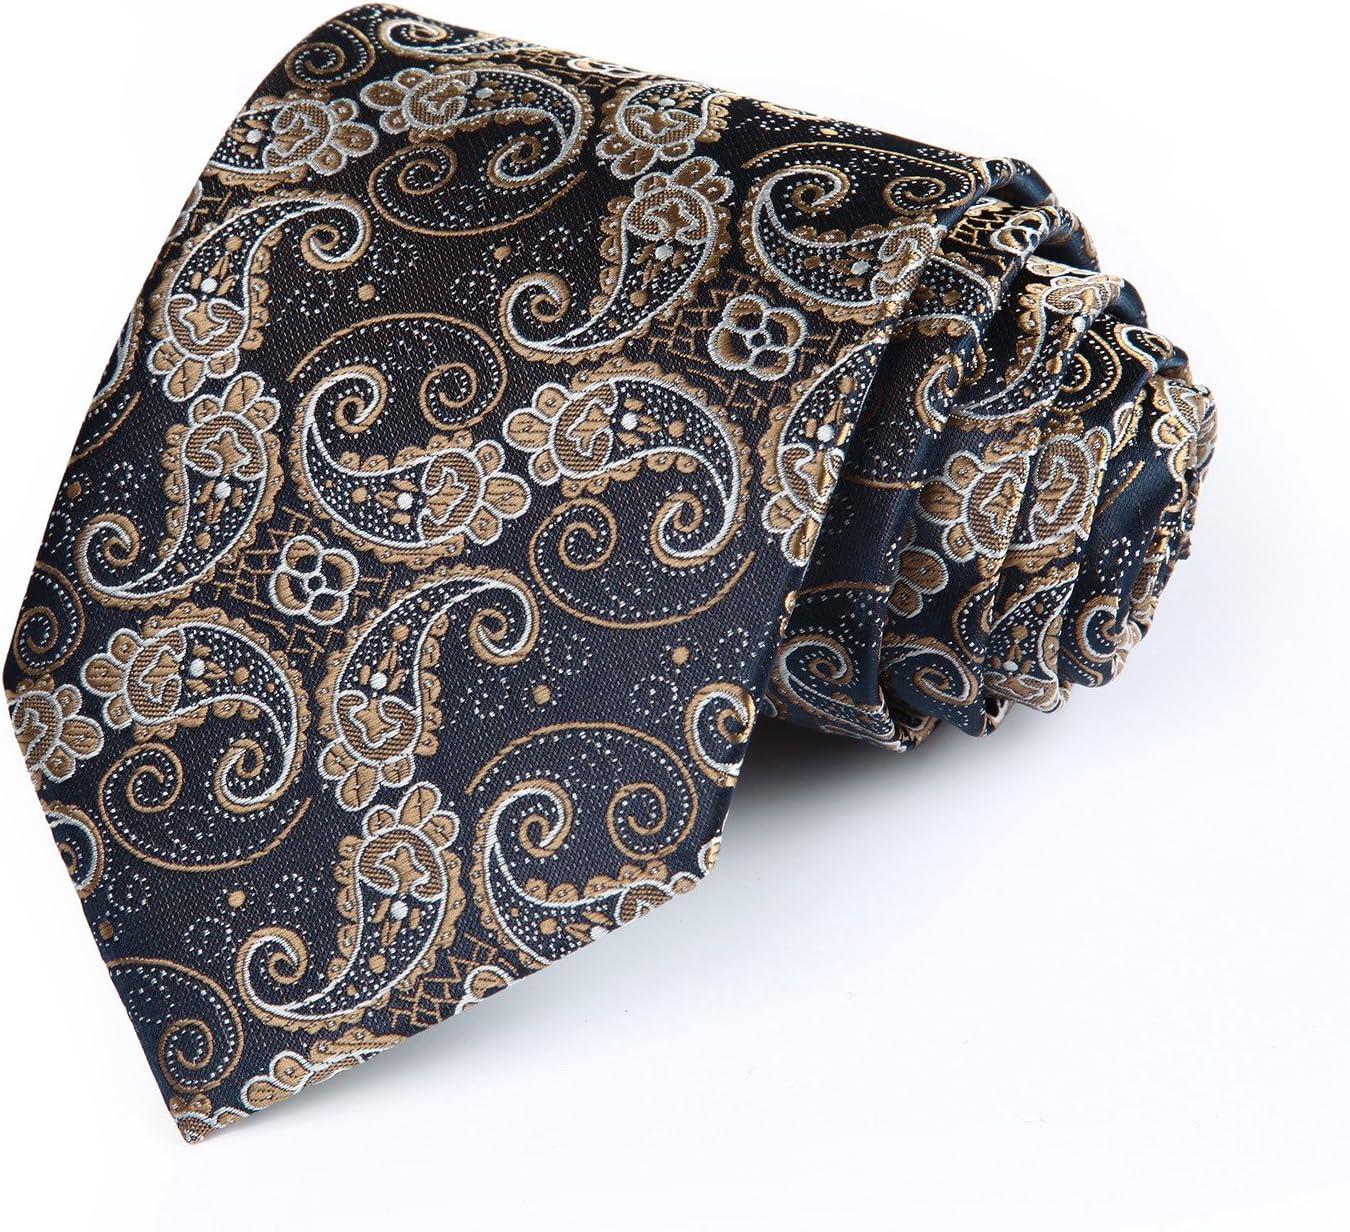 HISDERN Lot 3 PCS Classic Mens Silk Tie Set Necktie /& Pocket Square Multiple Sets T3-09 One Size TA3009